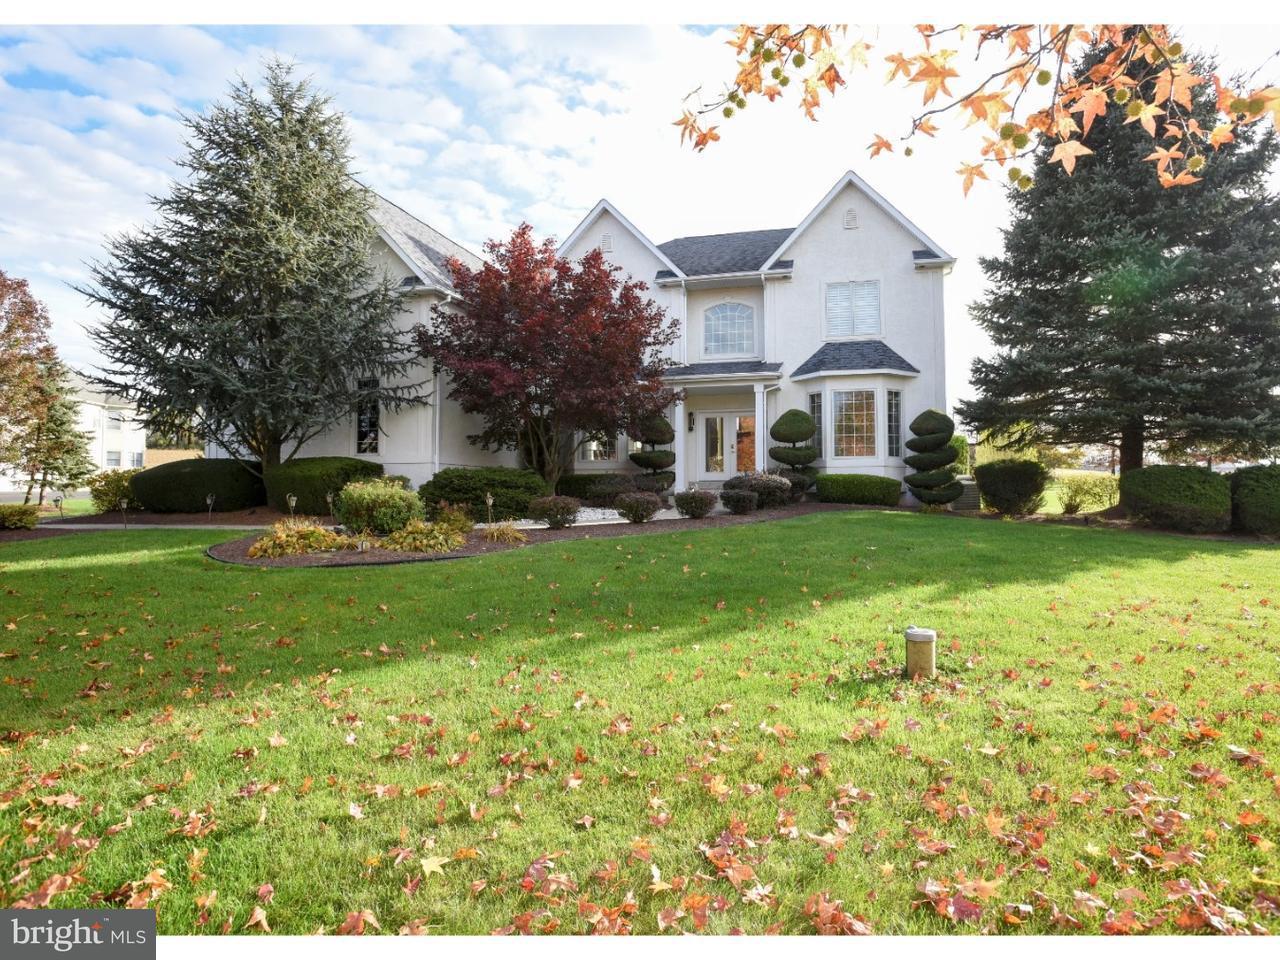 独户住宅 为 销售 在 16 ASPEN Drive Ivyland, 宾夕法尼亚州 18974 美国